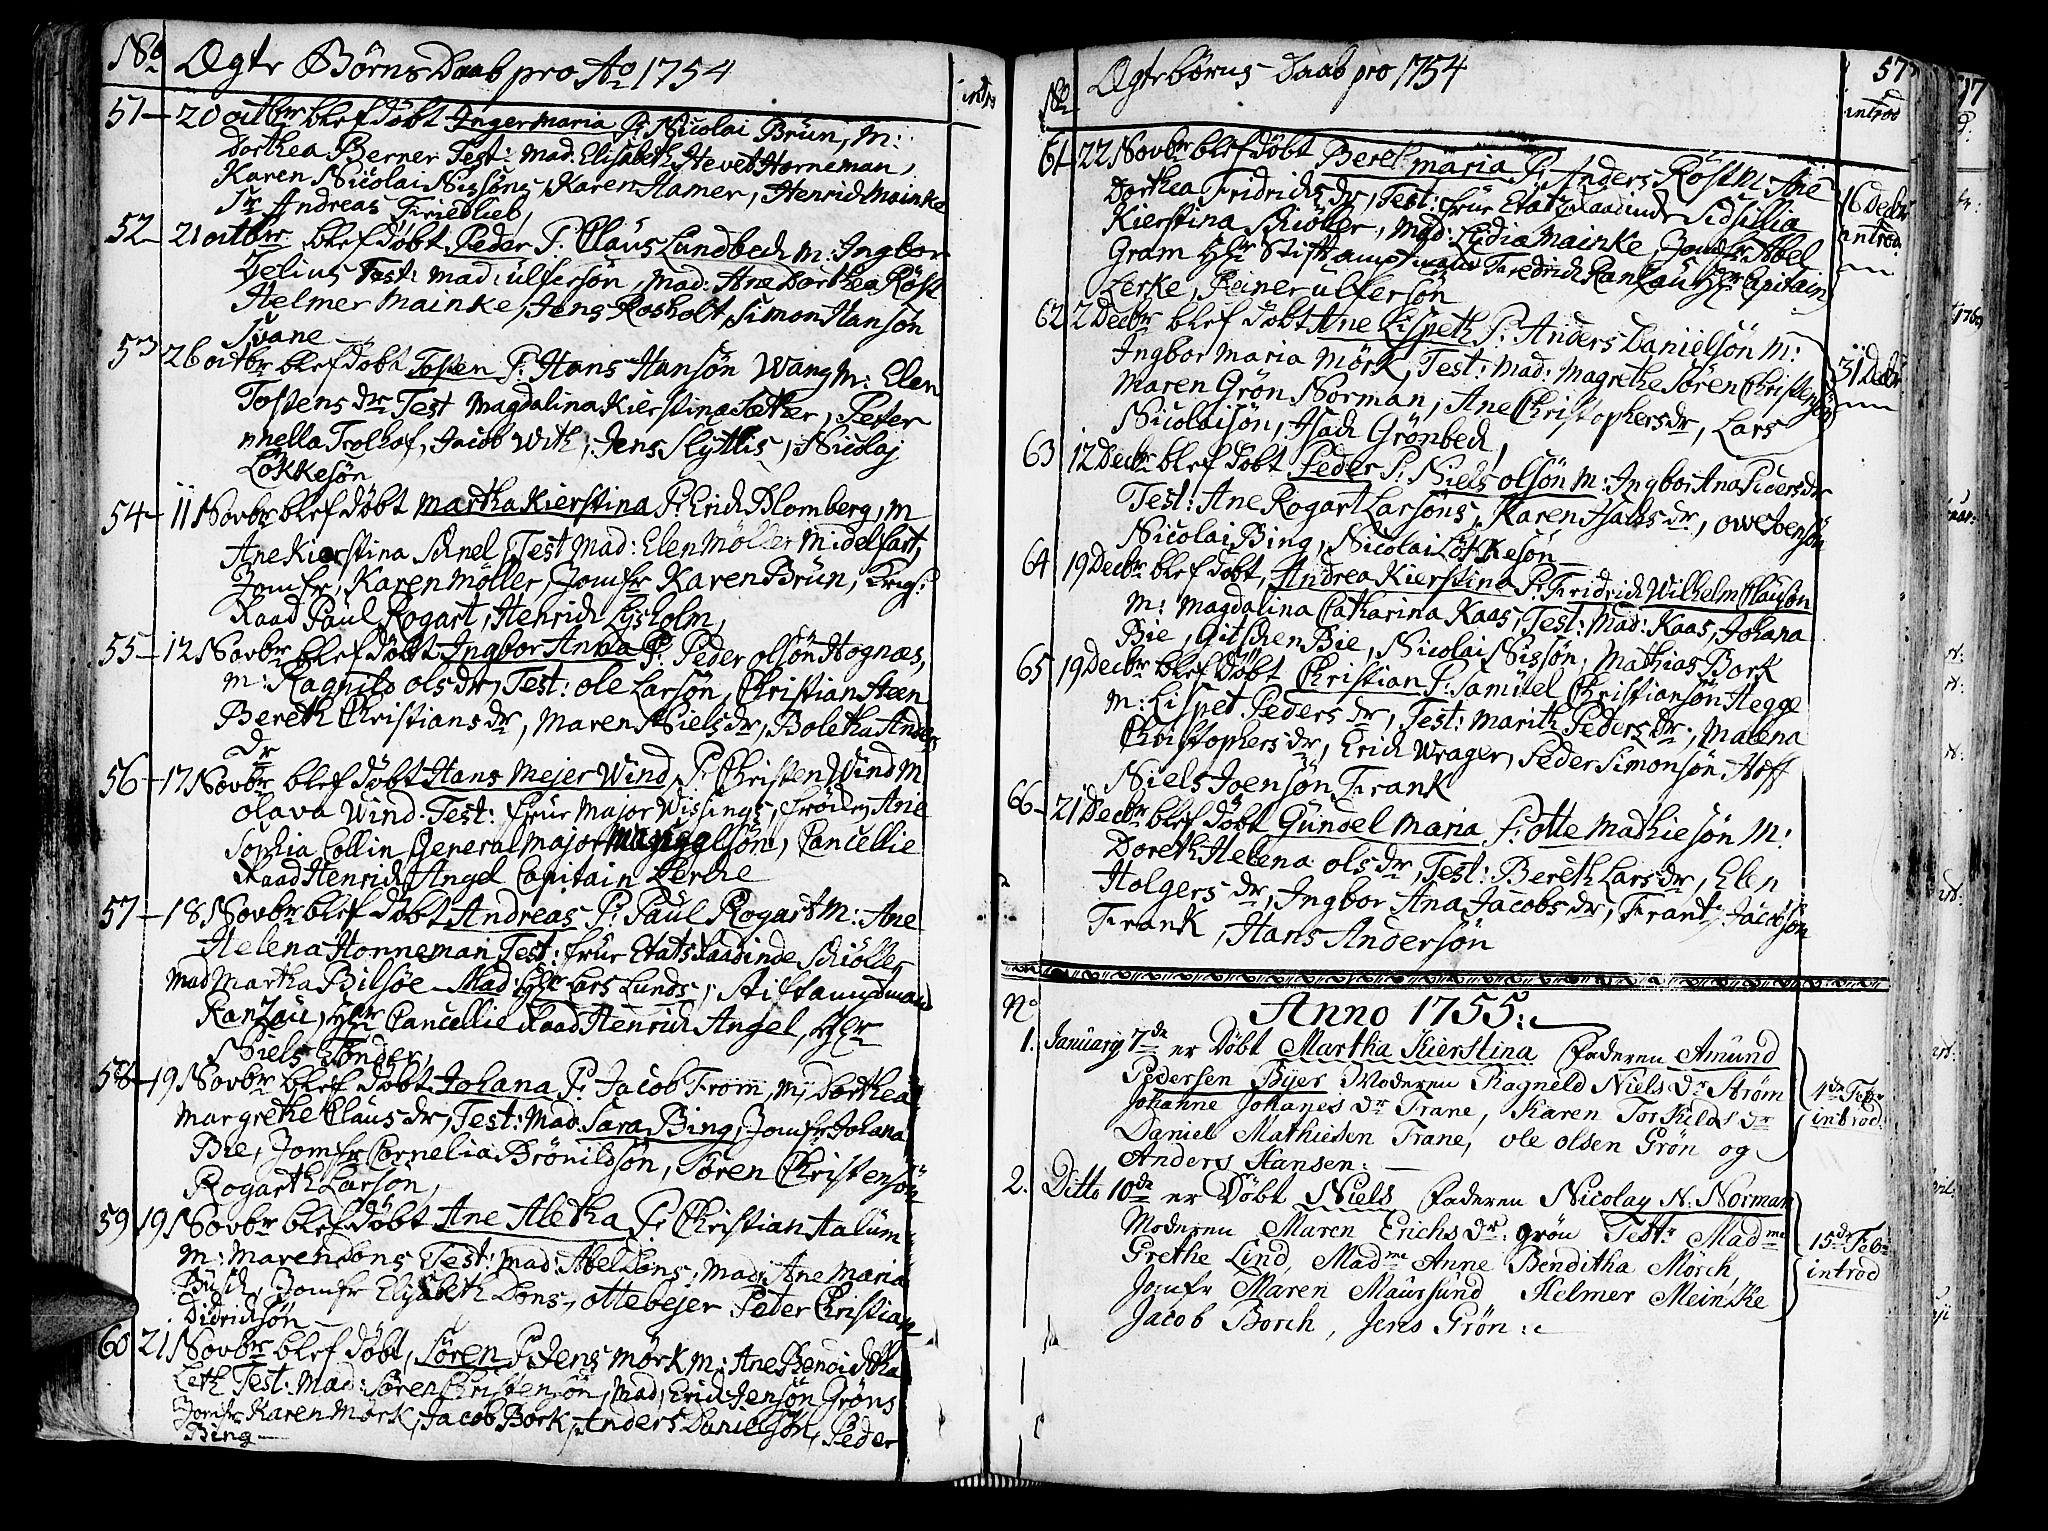 SAT, Ministerialprotokoller, klokkerbøker og fødselsregistre - Sør-Trøndelag, 602/L0103: Ministerialbok nr. 602A01, 1732-1774, s. 57